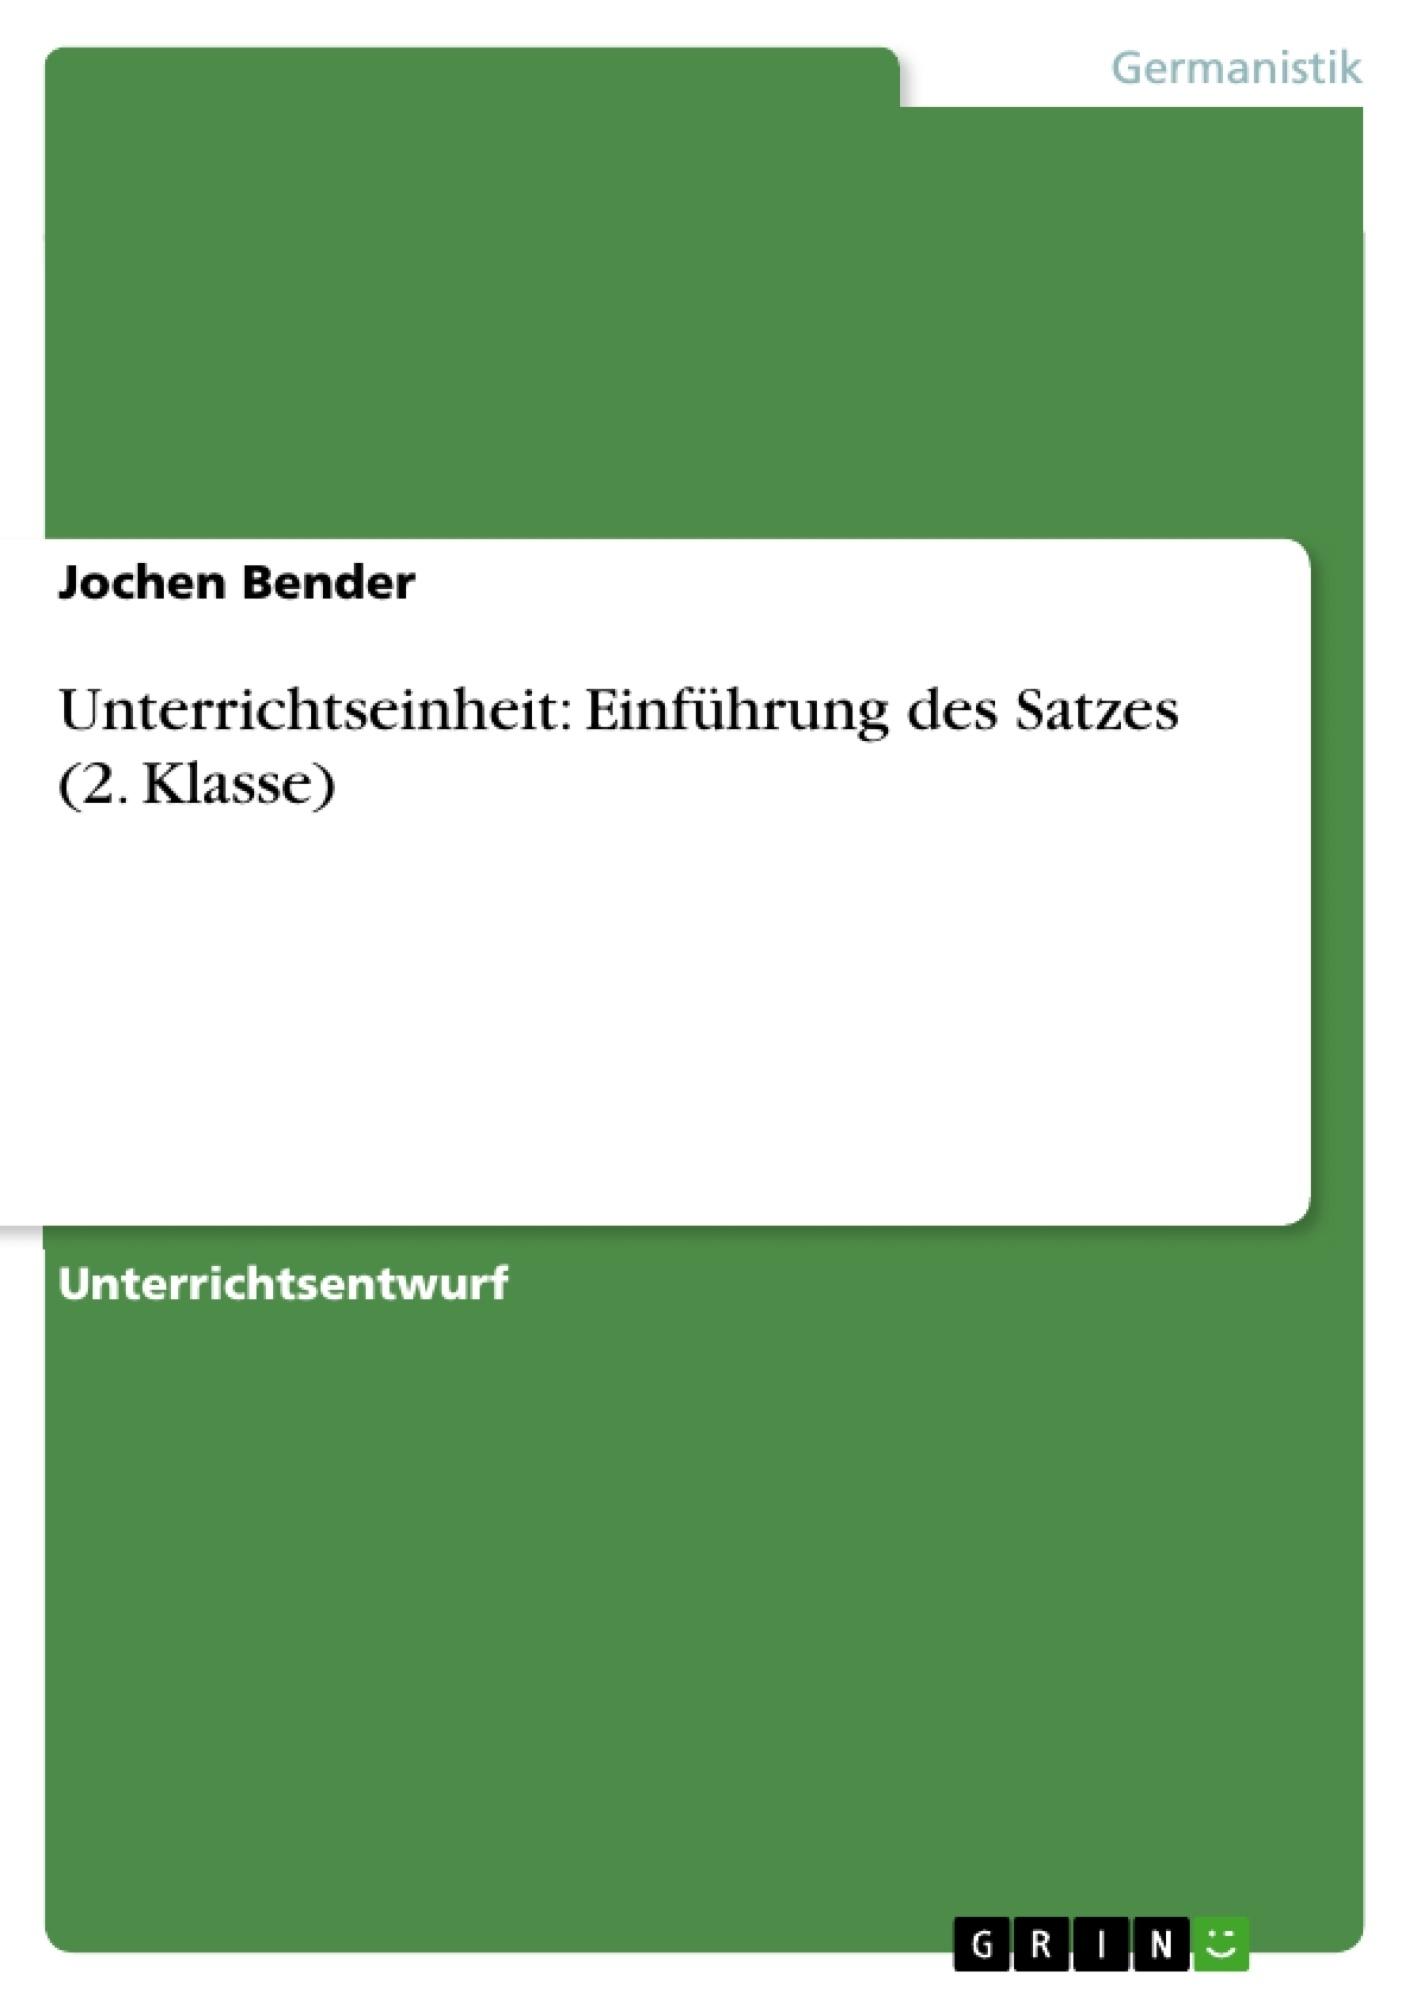 Titel: Unterrichtseinheit: Einführung des Satzes (2. Klasse)